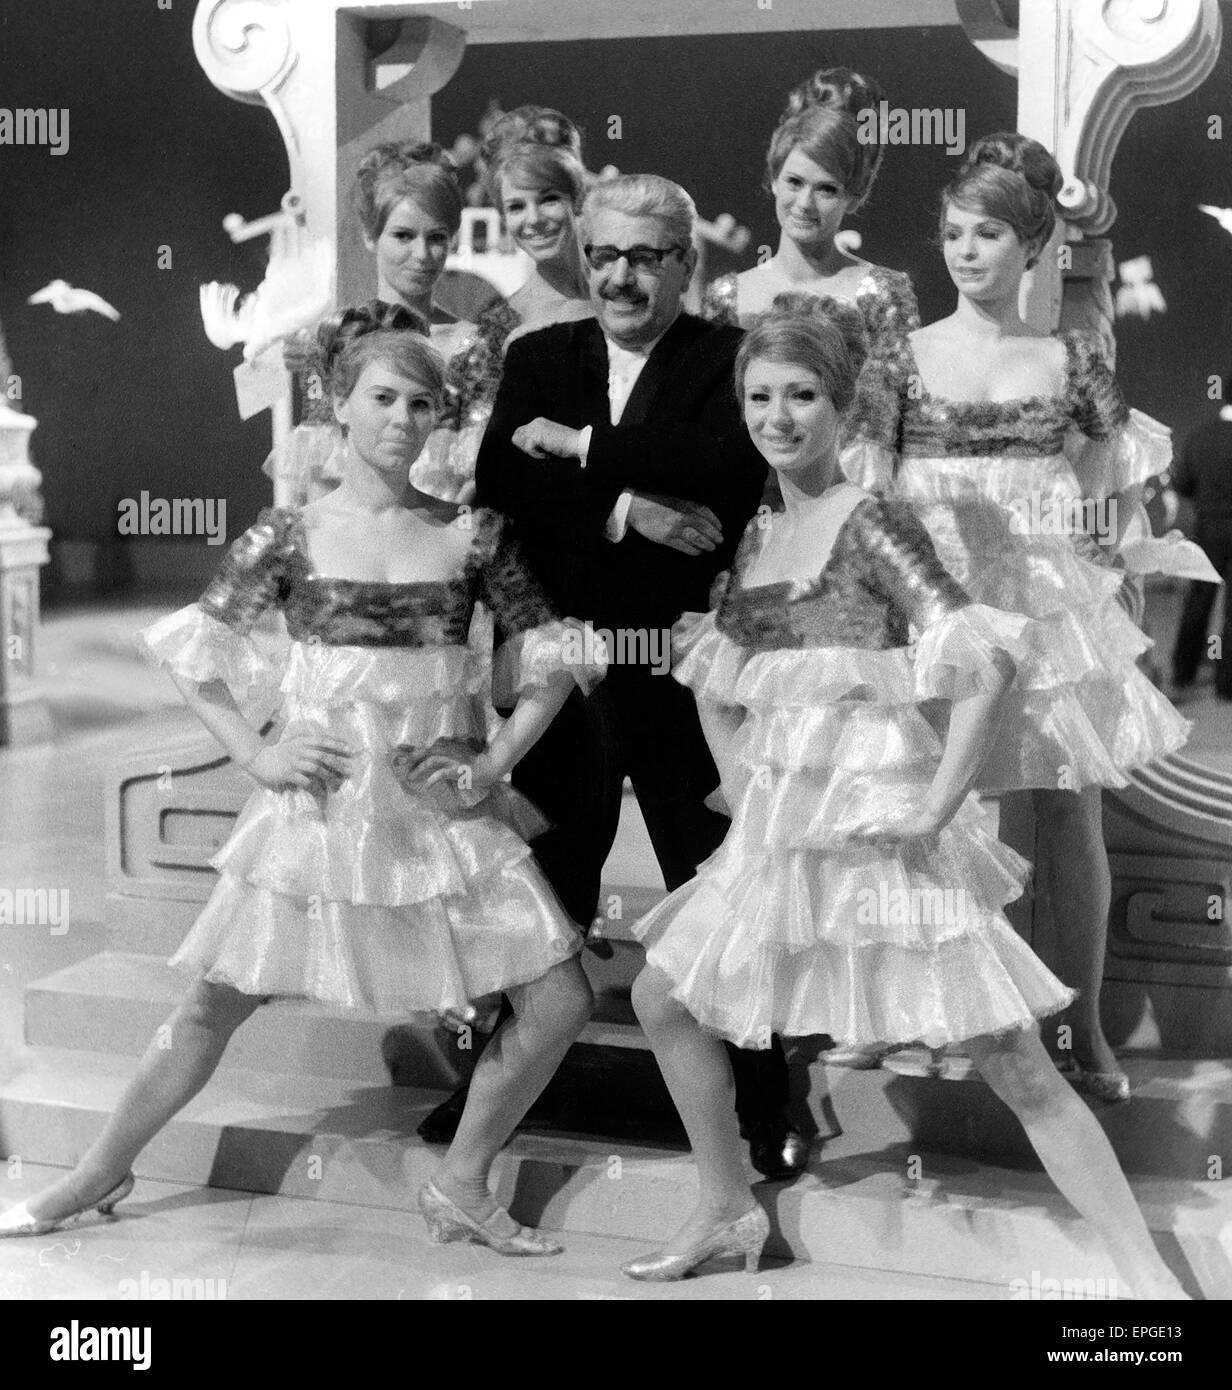 Der Kölner Wien Willy Millowitsch Inmitten von Revuetänzerinnen, 1950er Jahre. Deutscher Schauspieler Stockbild